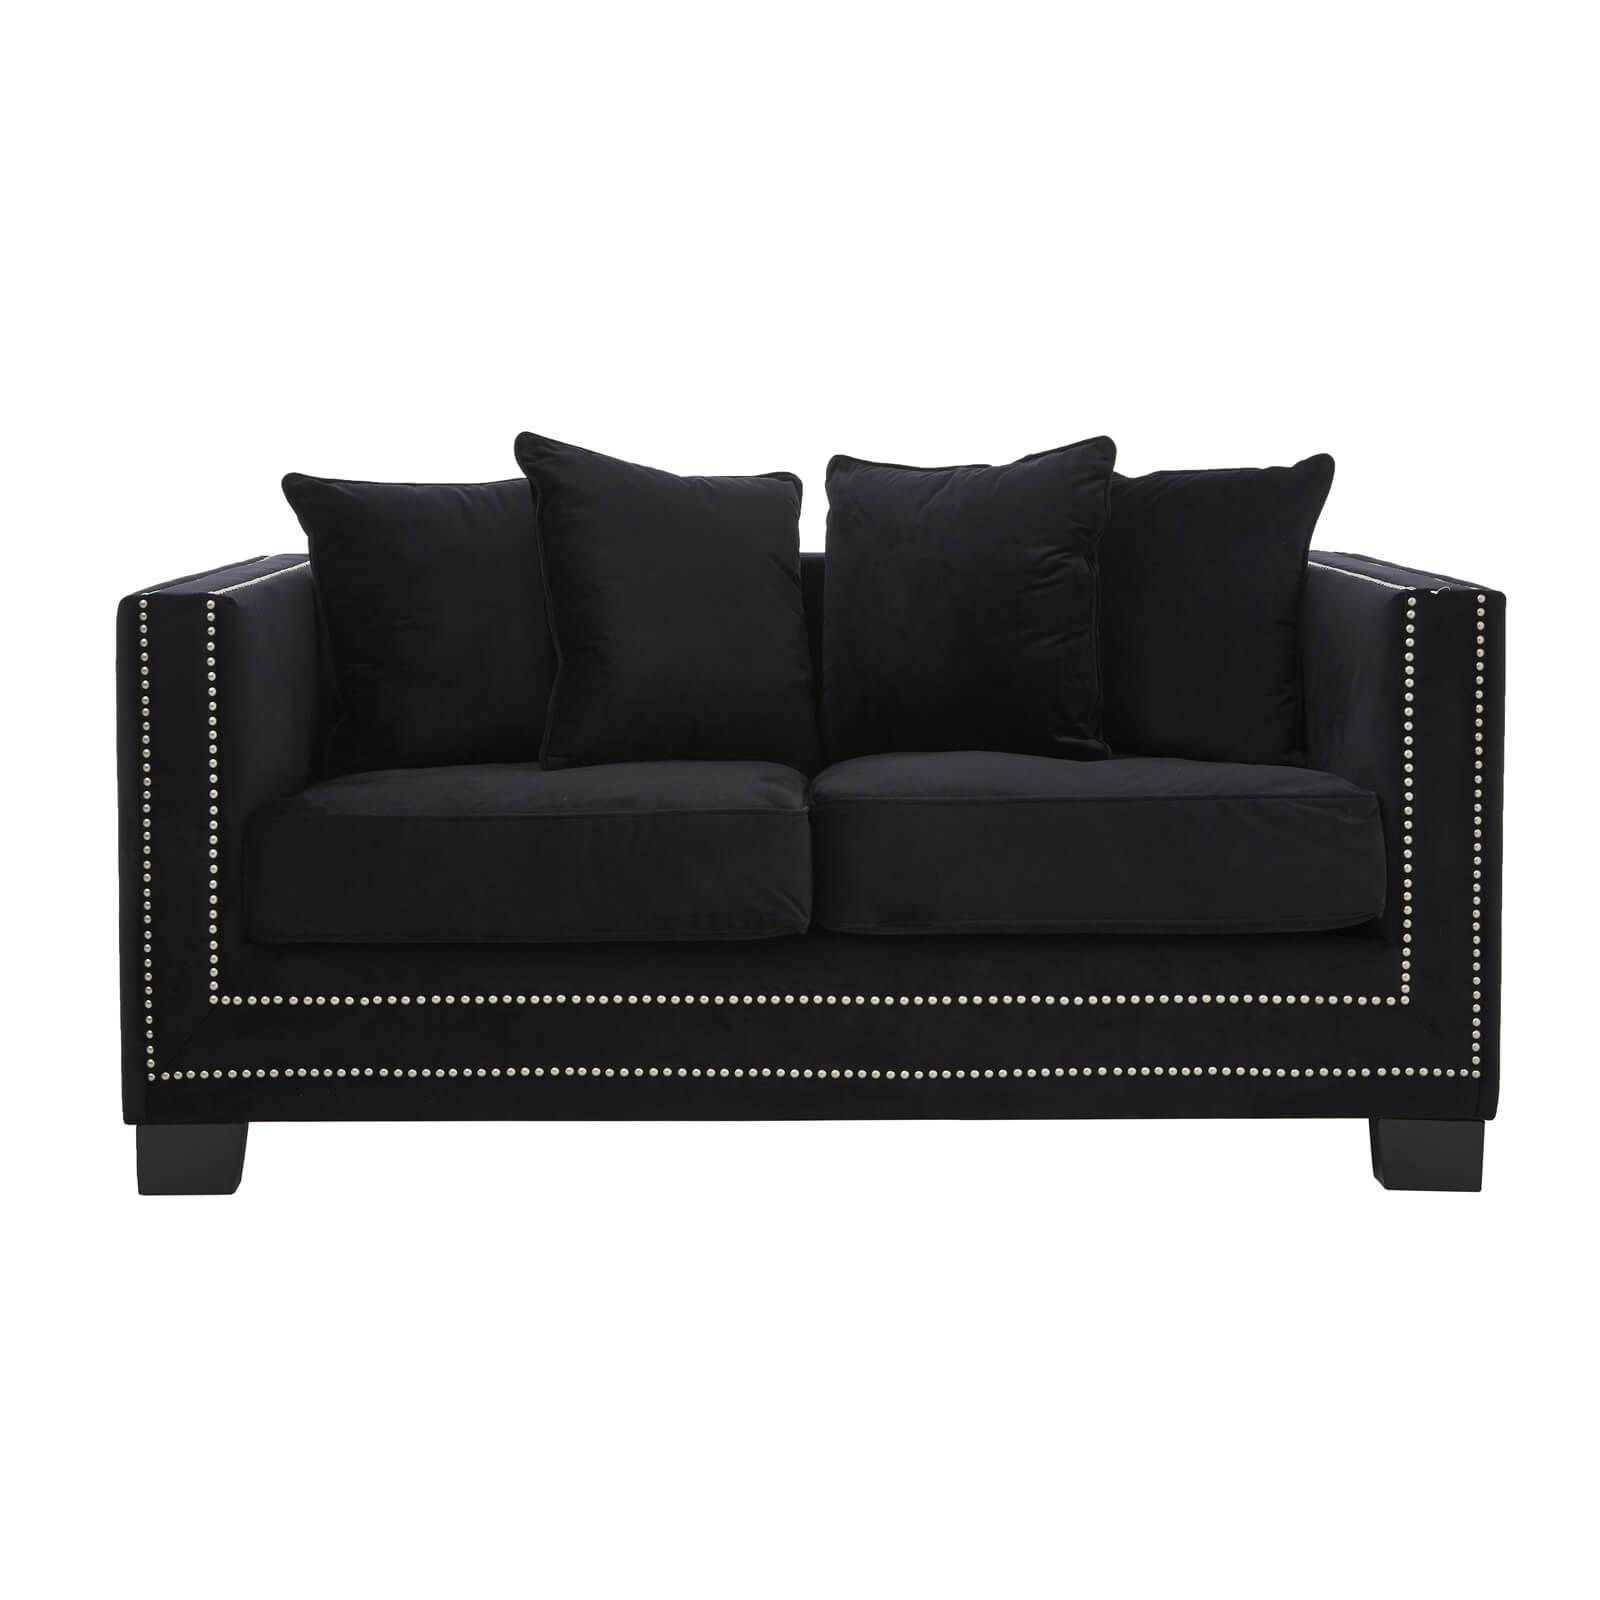 Sofia 2 Seater Velvet Sofa - Black